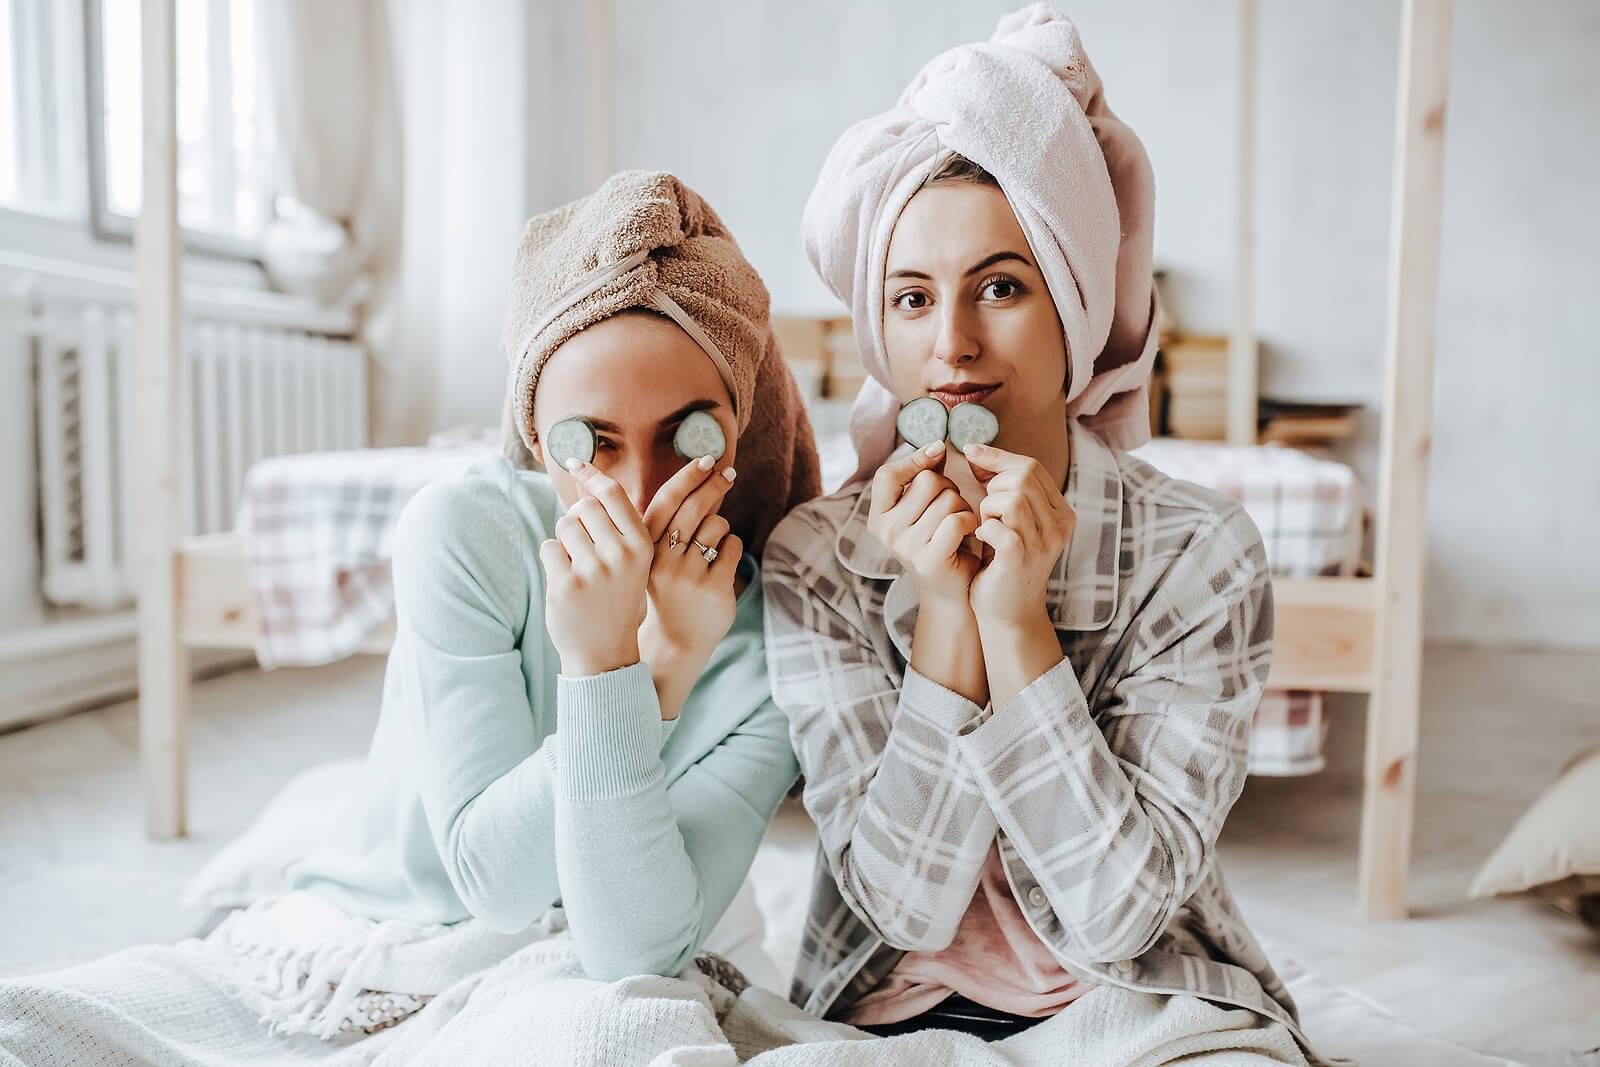 Adolescentes siguiendo una rutina de cuidado facial tras el maquillaje.